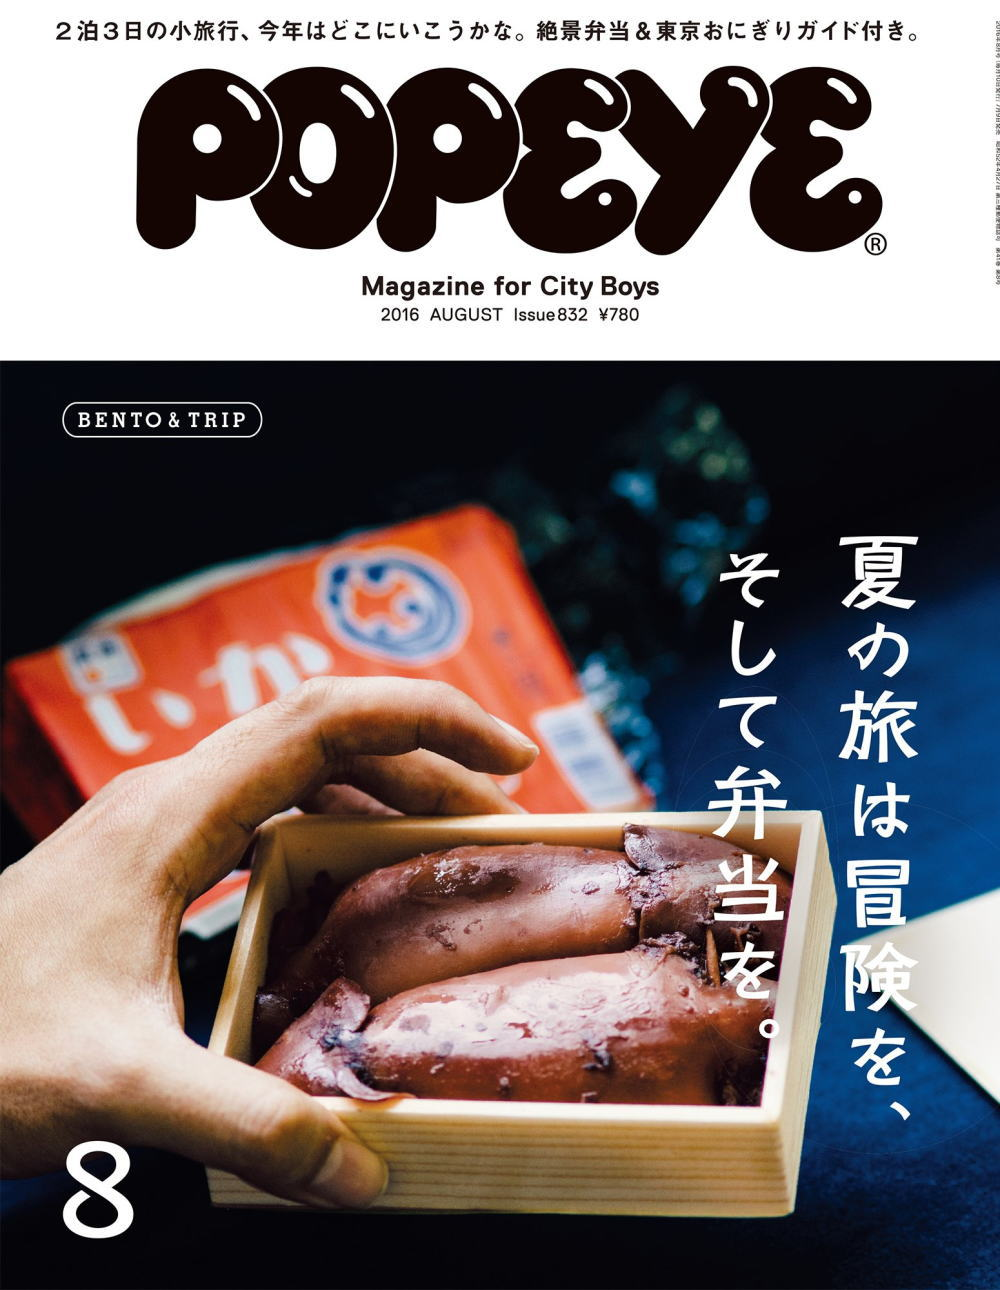 POPEYE|ファッション雑誌に仁淀川カヌーが紹介されました!